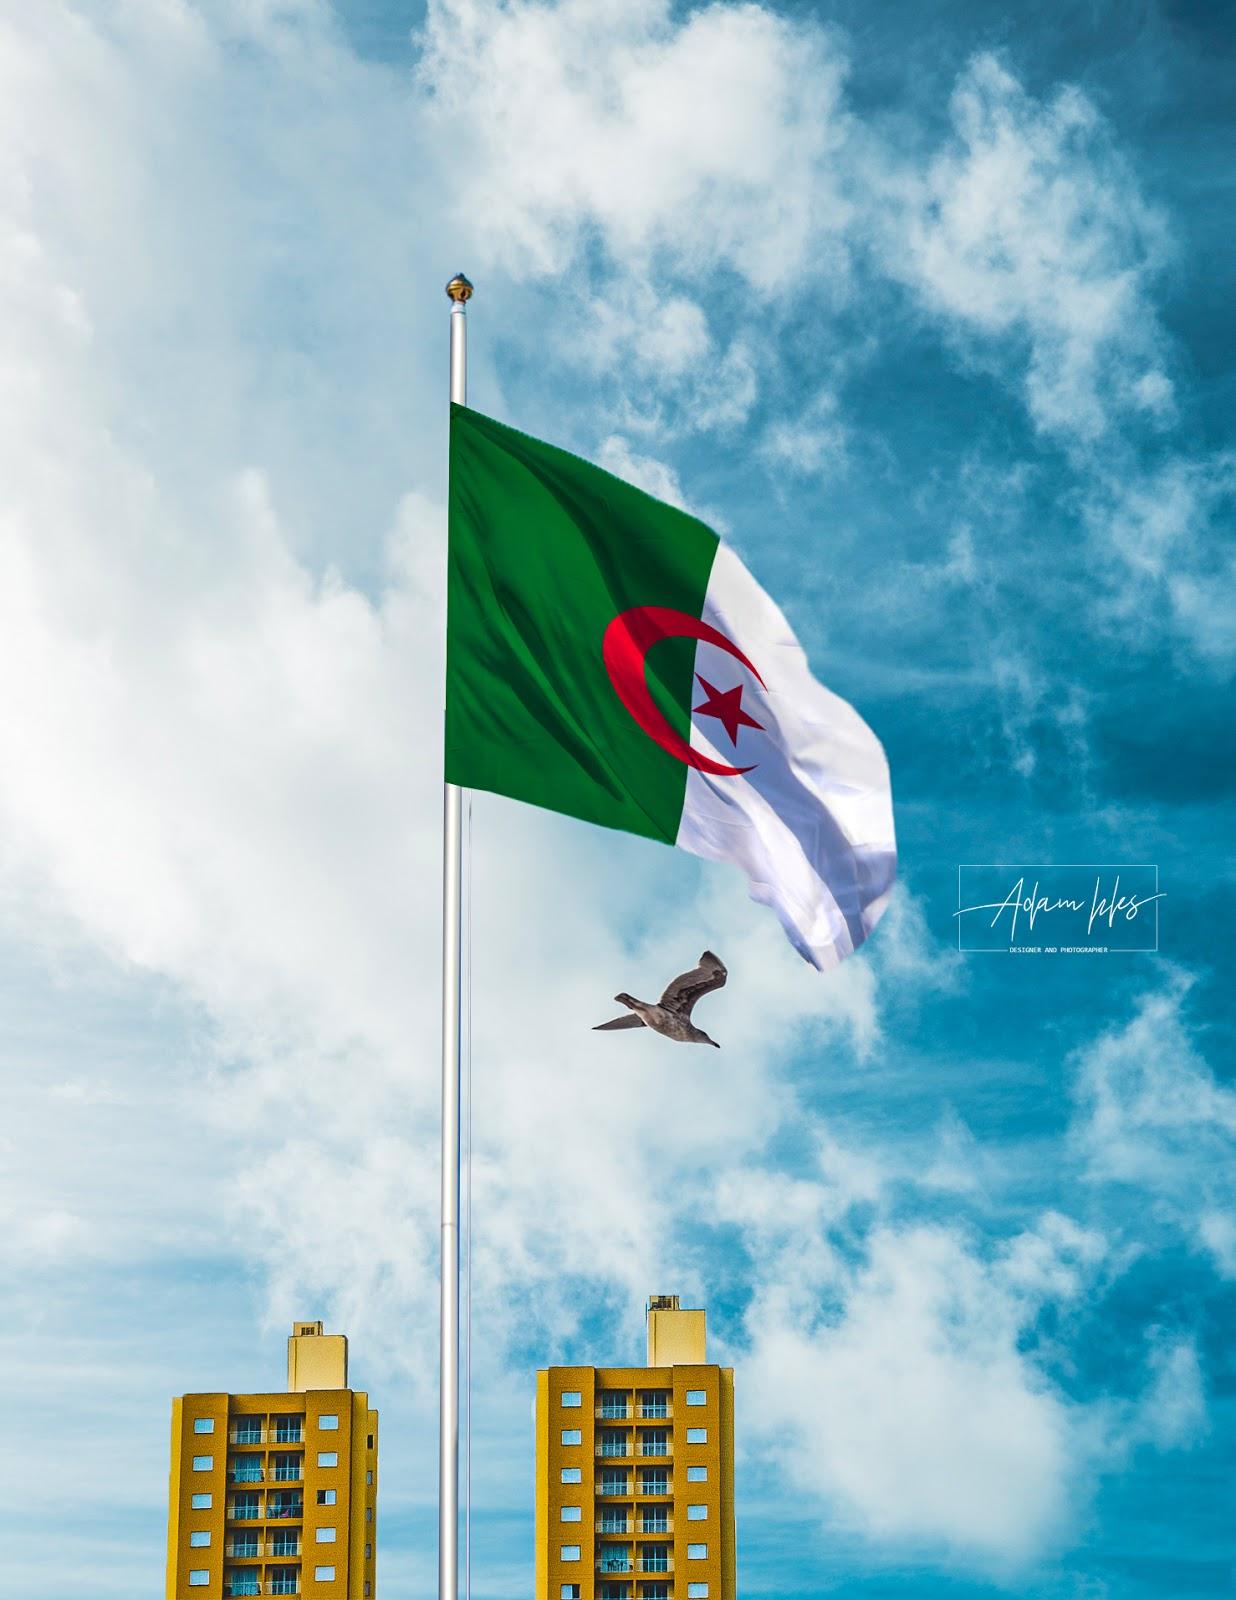 خلفية علم الجزائر